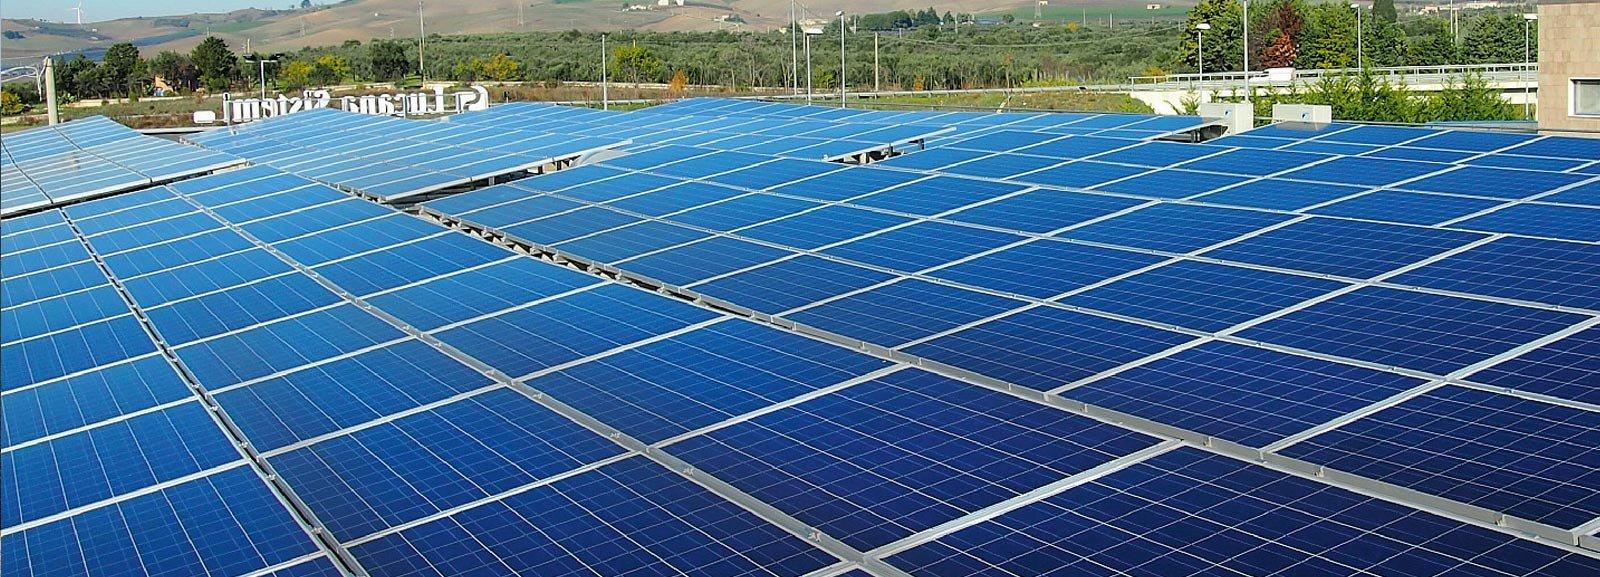 Pannelli Solari Termici Da Balcone sfruttare la superficie del tetto con impianti solari